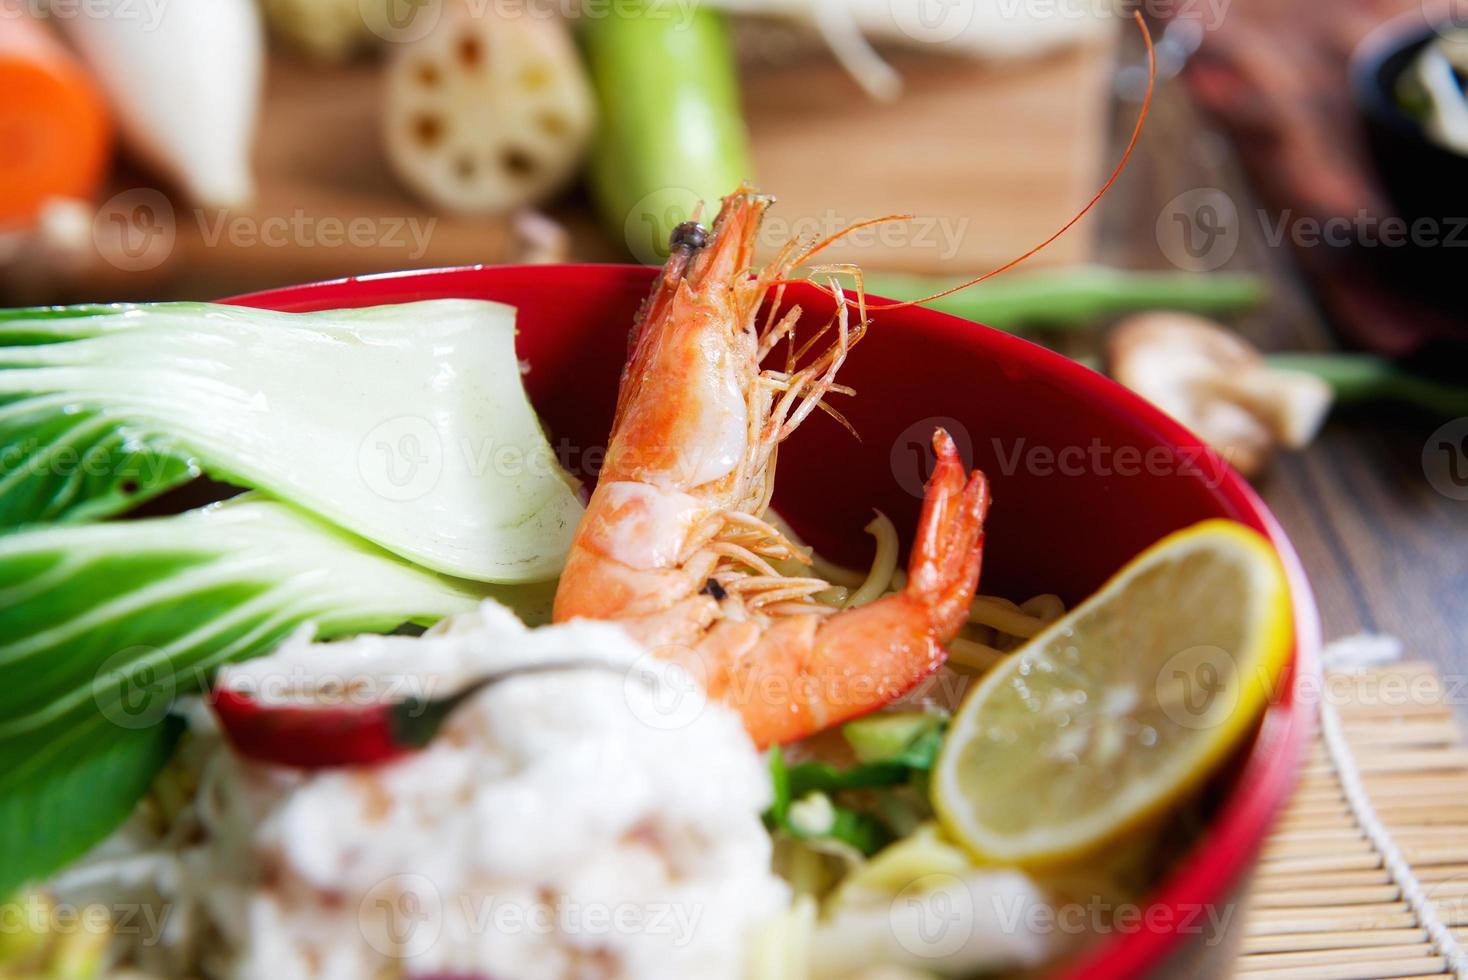 nouilles aux fruits de mer photo en gros plan